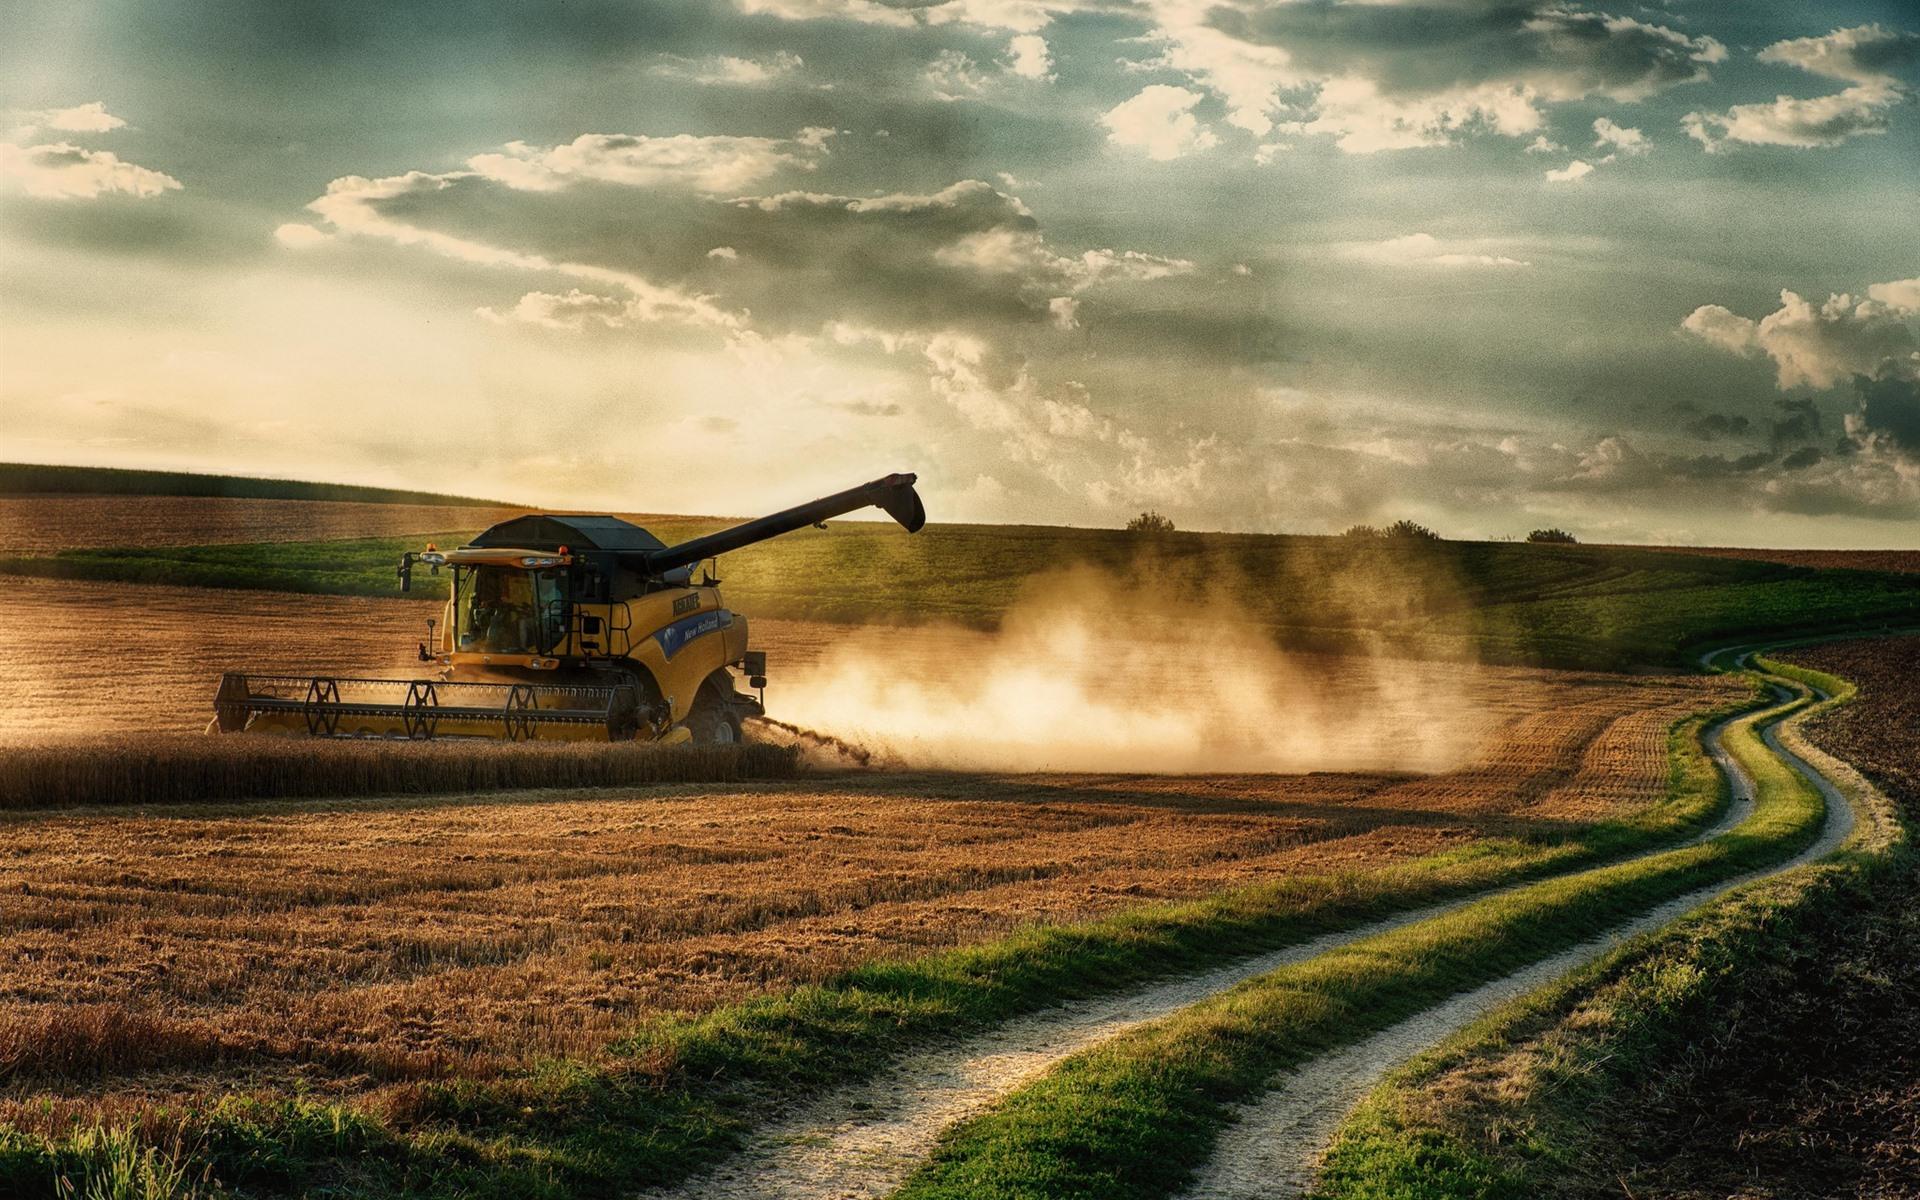 壁紙 収穫機 畑 道 雲 1920x1200 Hd 無料のデスクトップの背景 画像